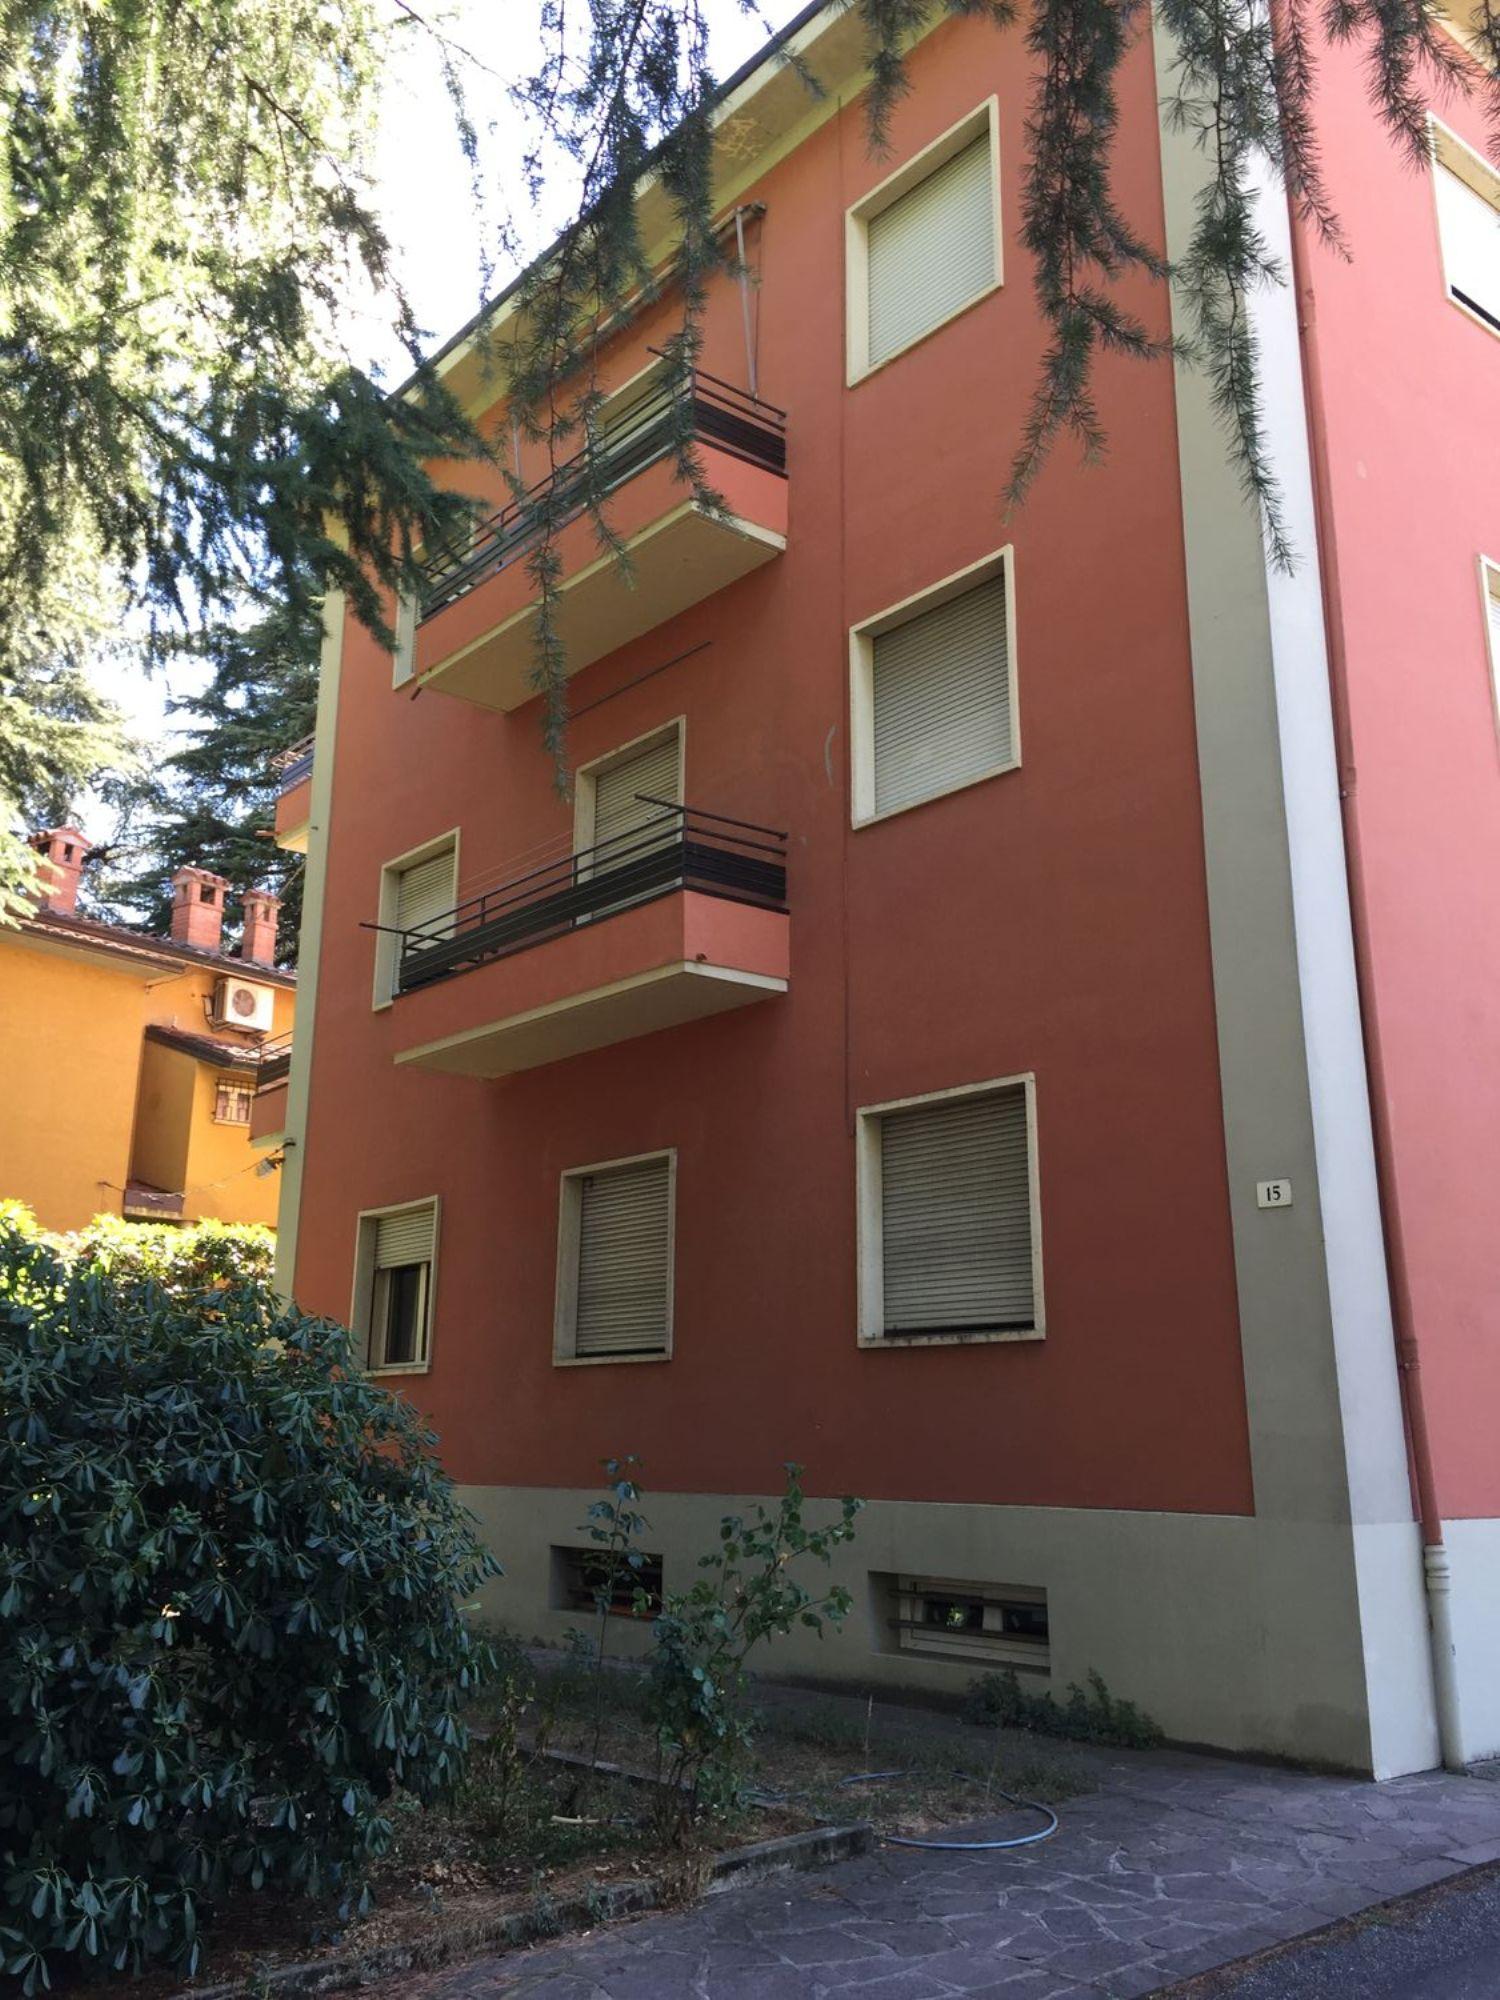 Appartamento in affitto a Casalecchio di Reno, 3 locali, prezzo € 480 | CambioCasa.it